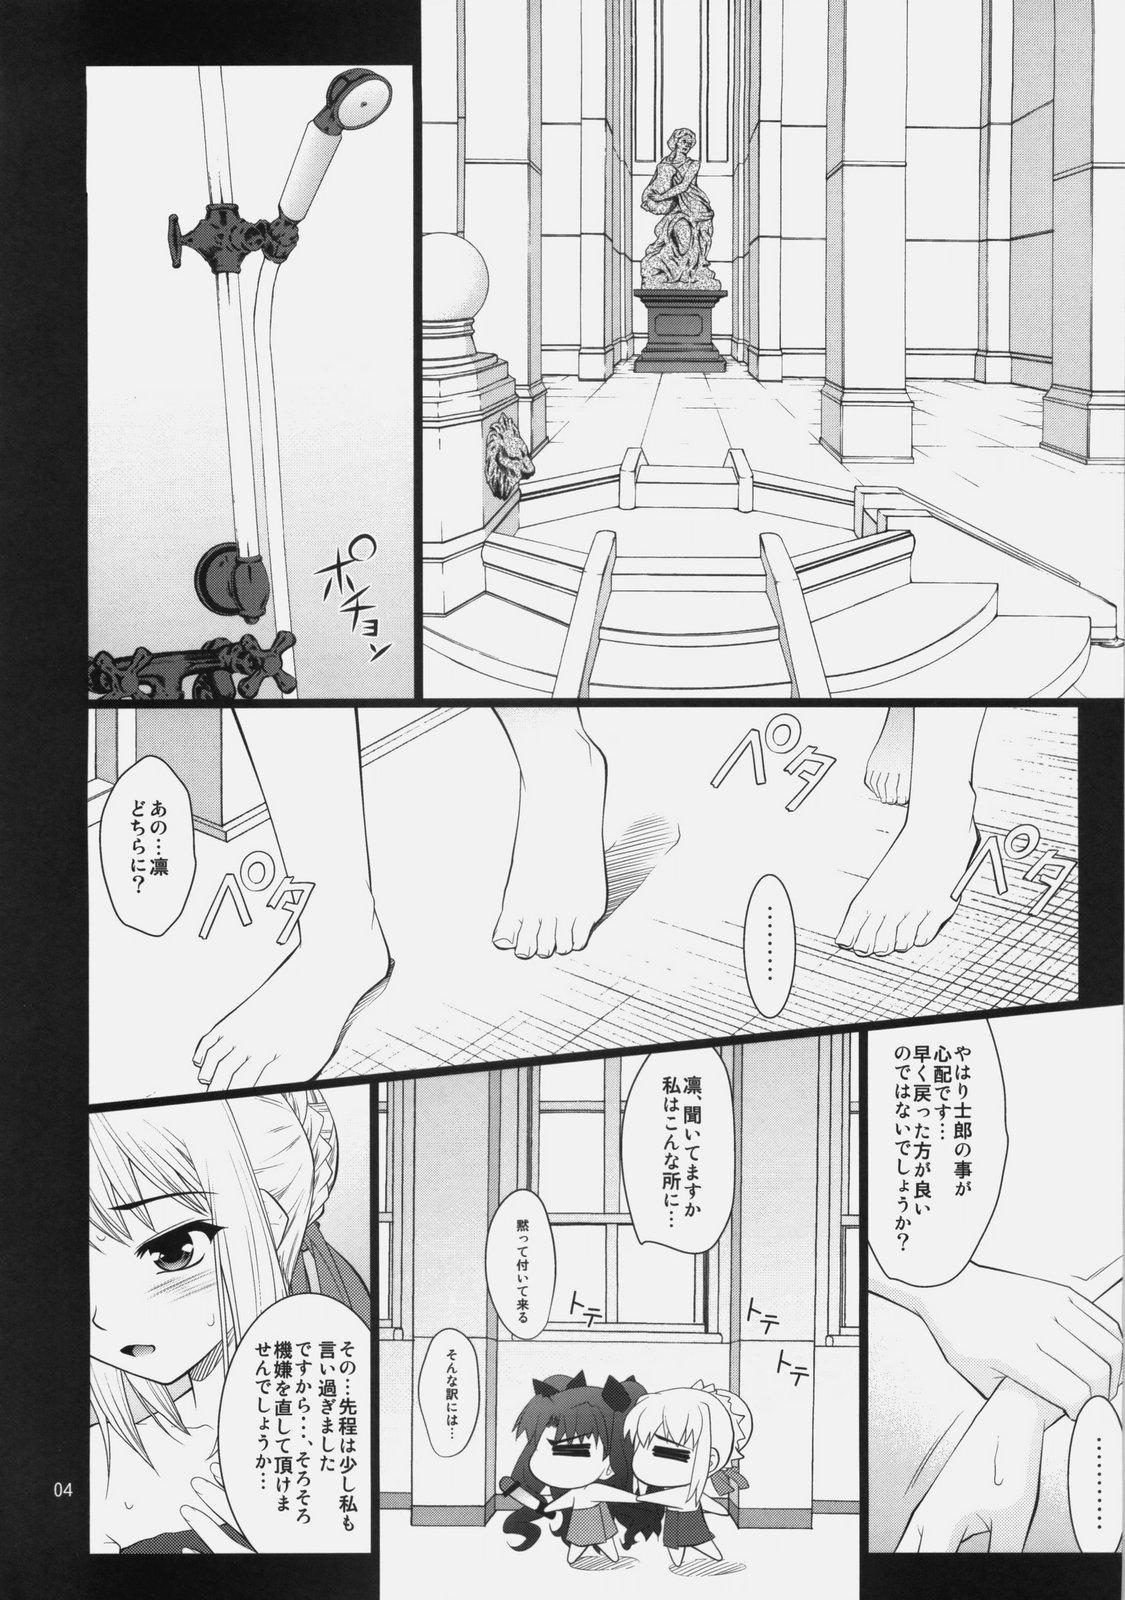 Fuun Sakura jou ~Chuu hen 2/2+Kou hen ~ 2